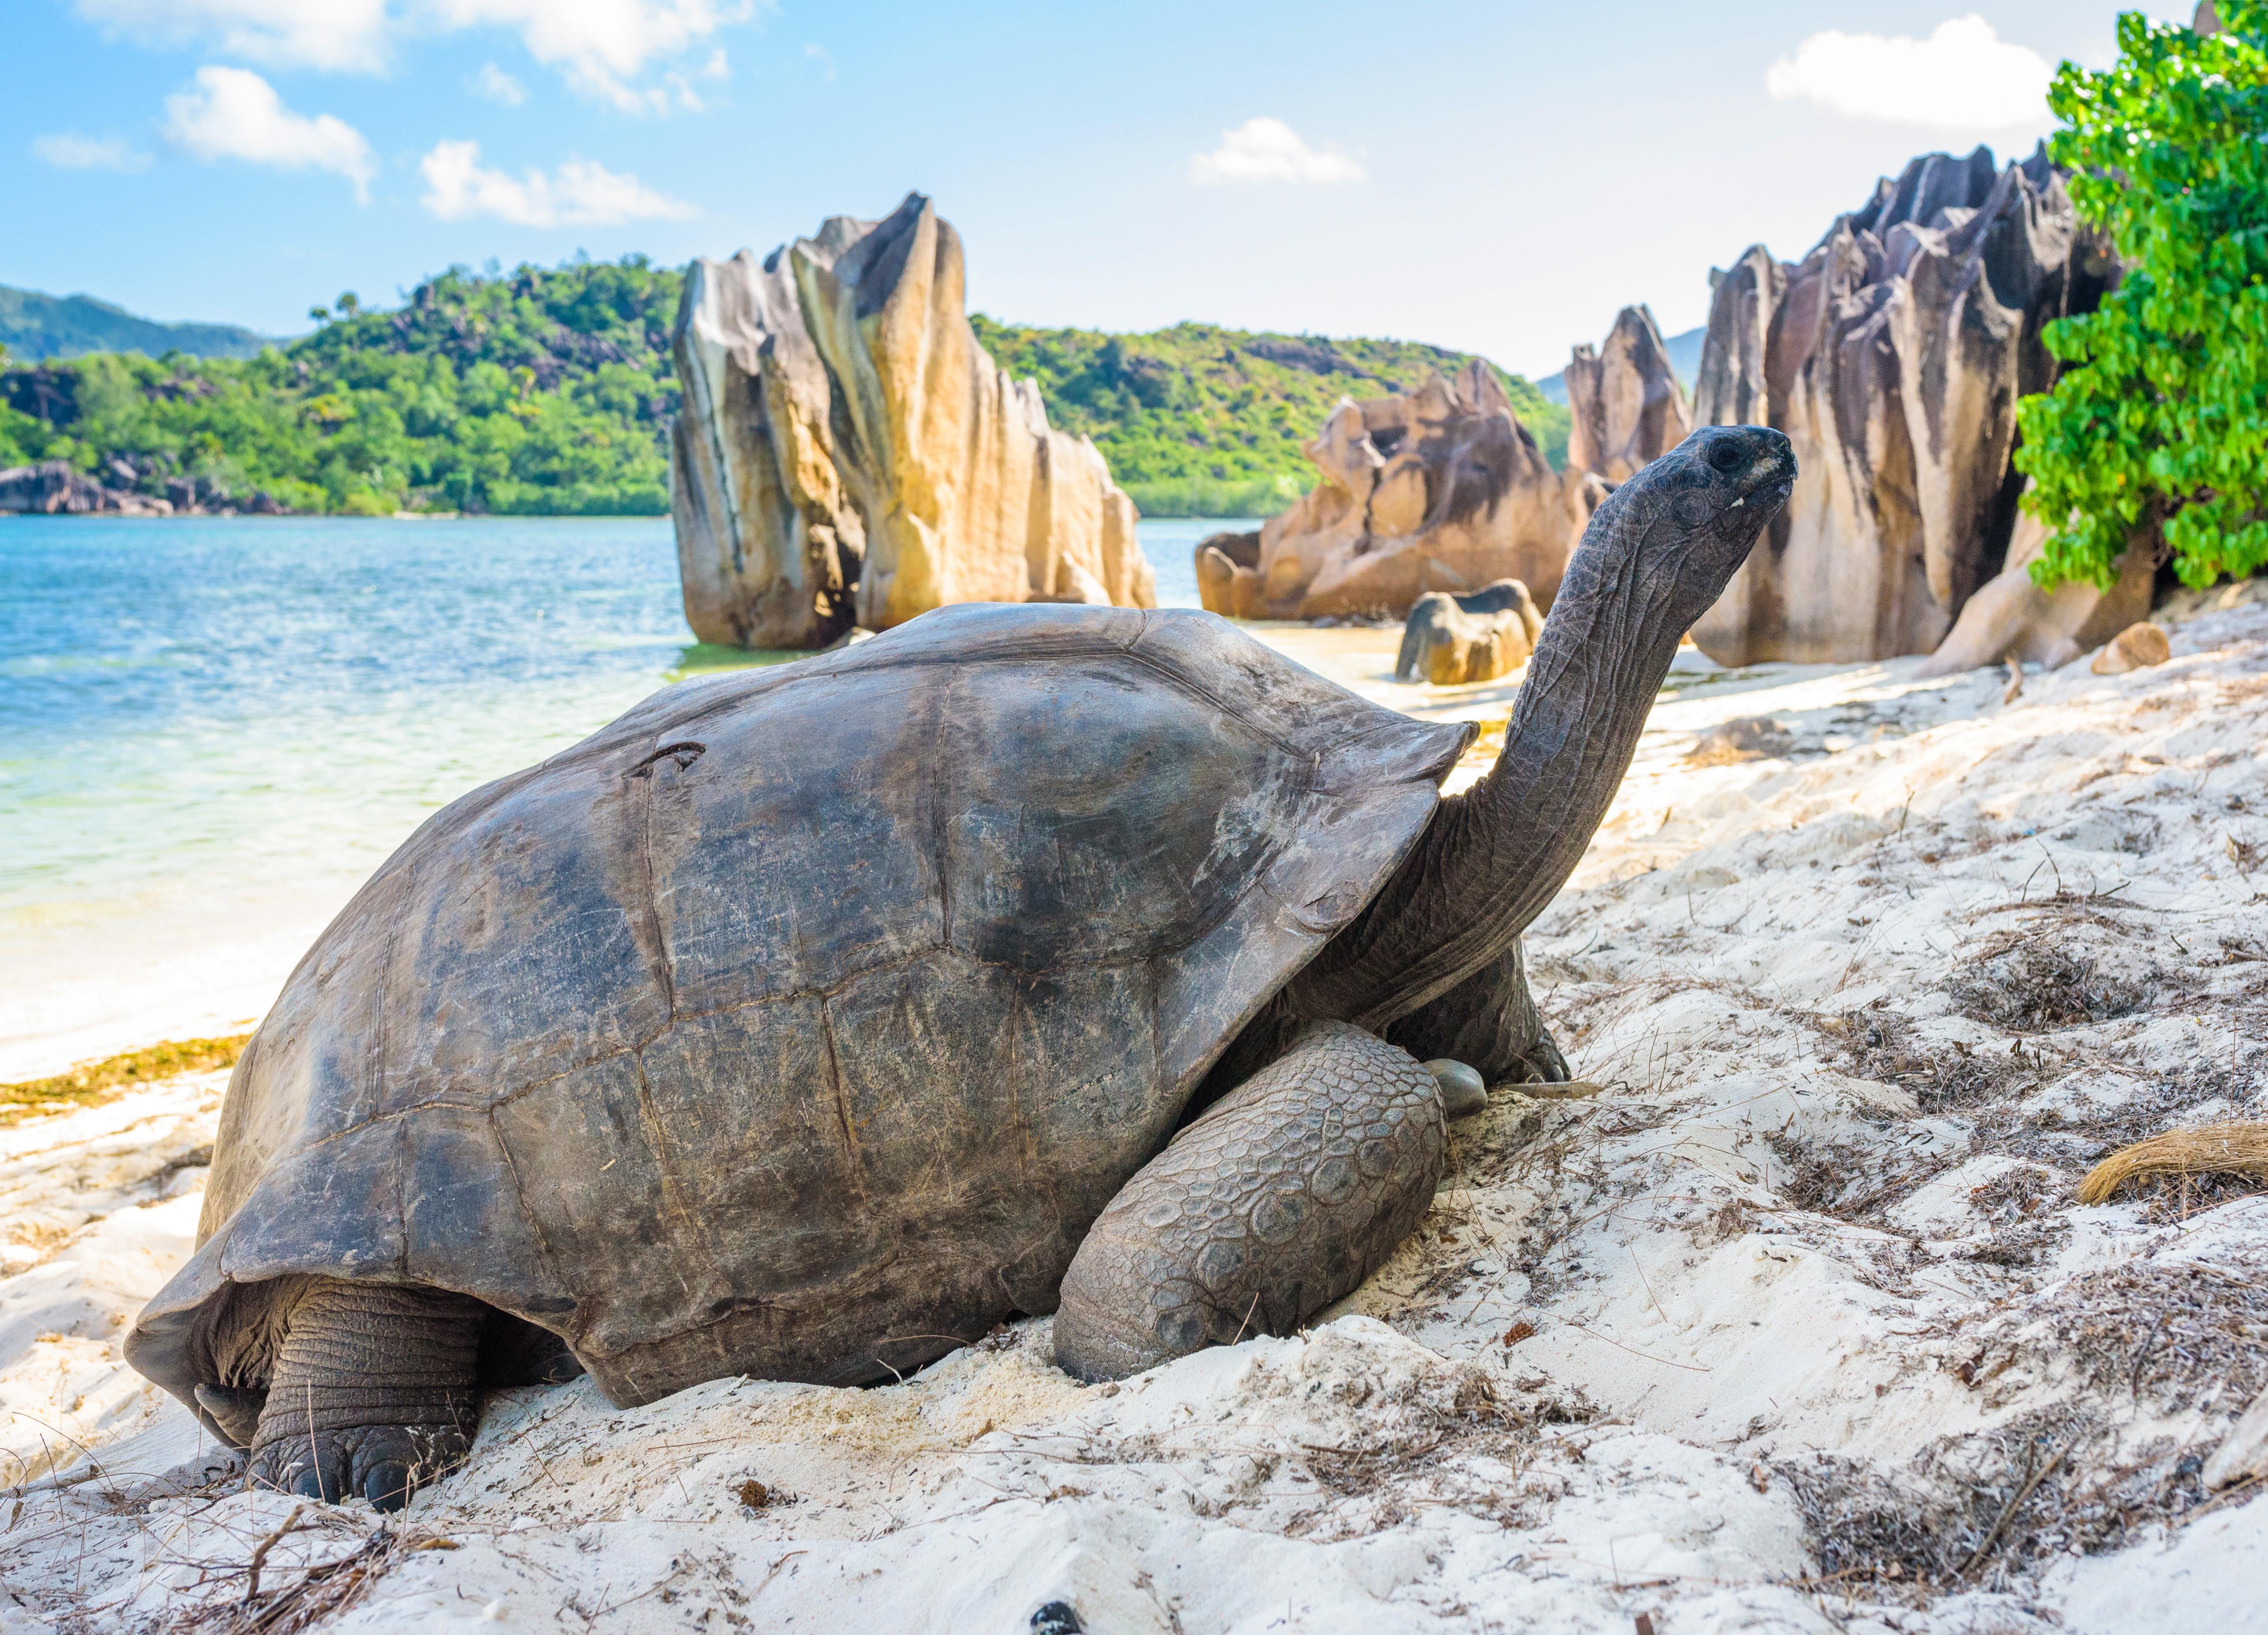 Foto: Jan Bures/Shutterstock.com